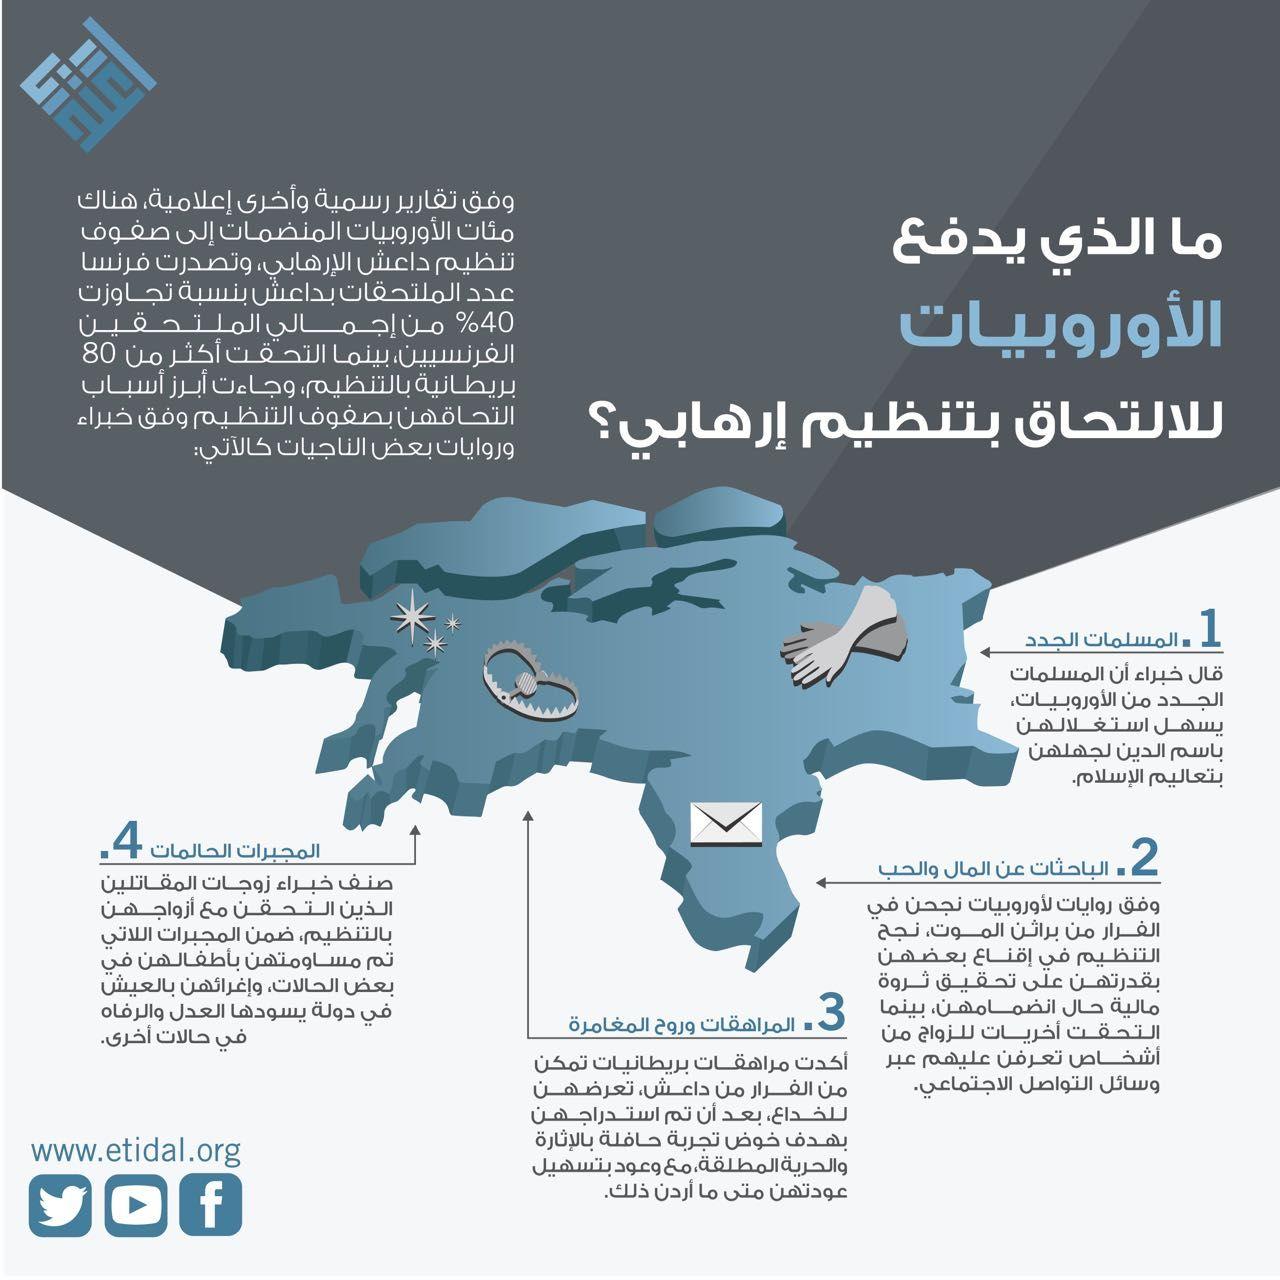 أوروبيات قادهن البحث عن المال والمغامرة إلى الهلاك الإرهاب في أوروبا اعتدال World Map Map World